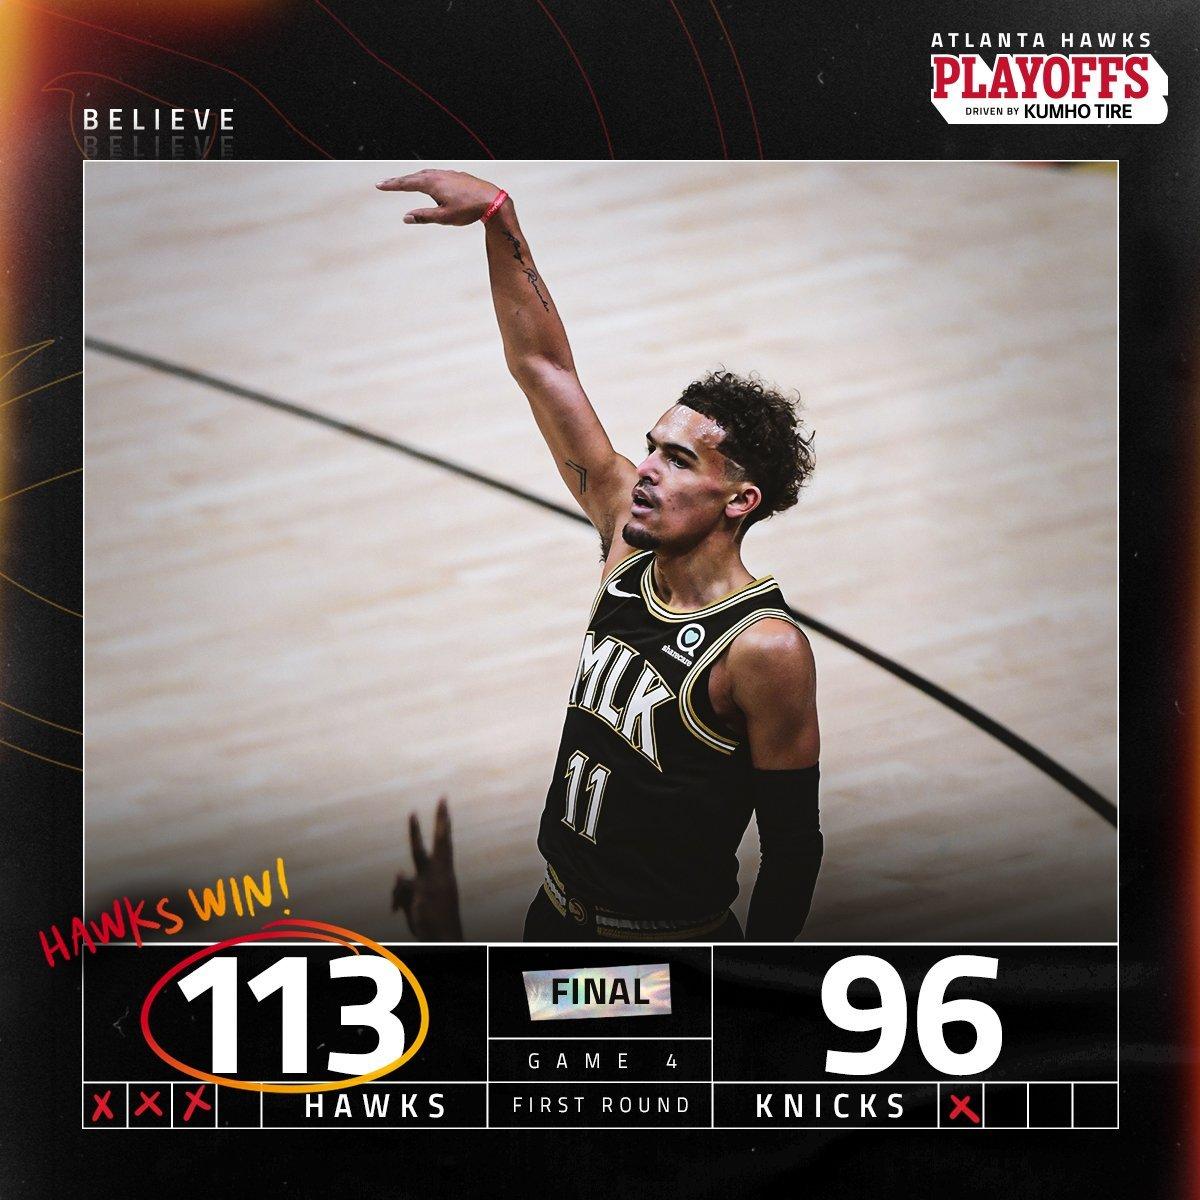 Hawks x Knicks como aconteceu – resultado, destaque e reação